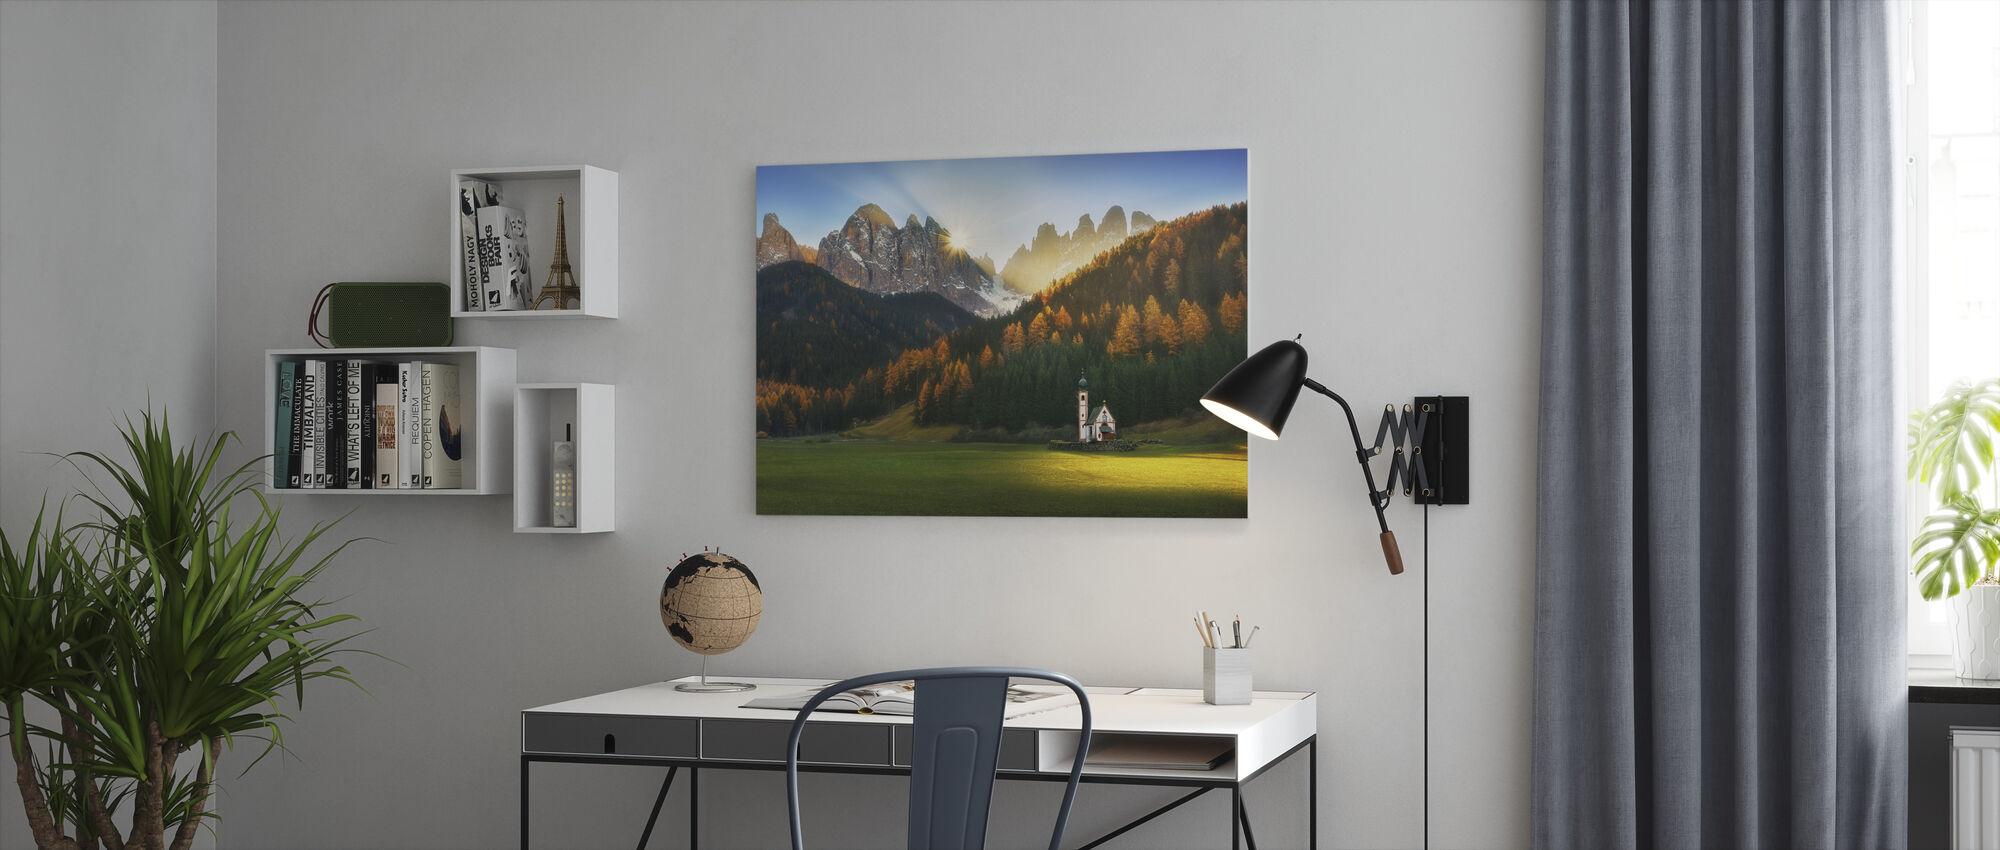 Santa Maddalena - Canvas print - Office